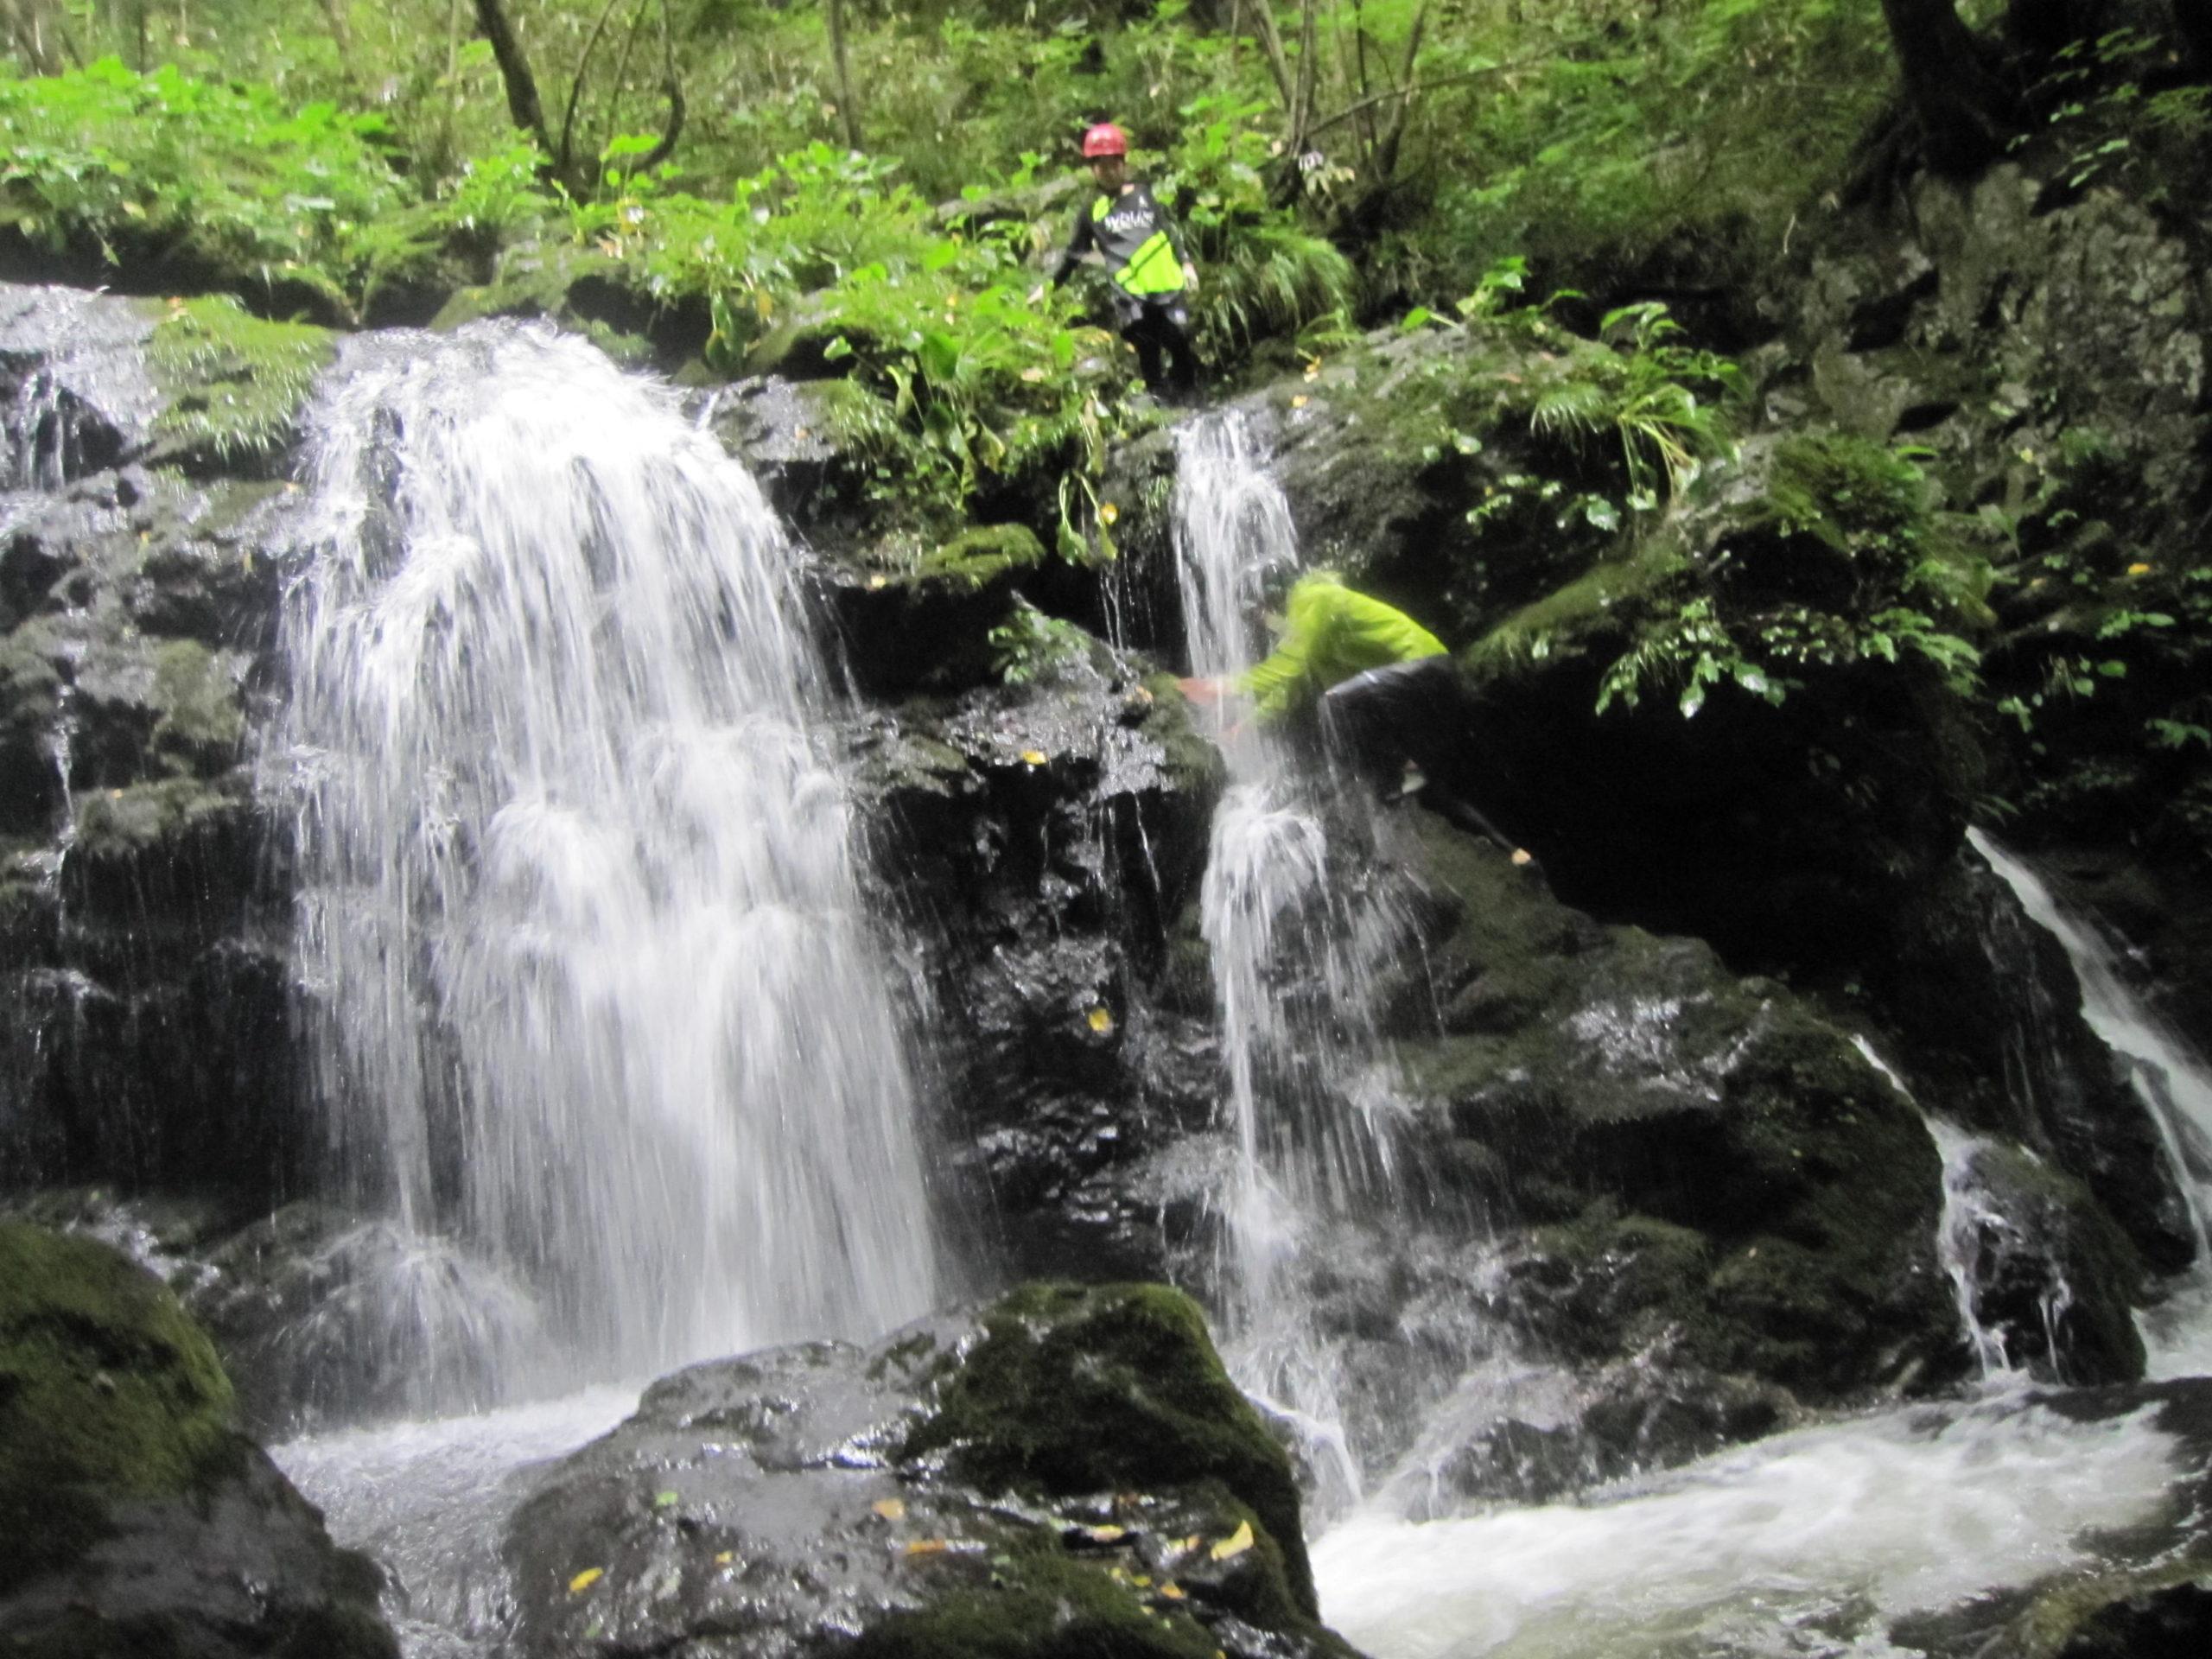 リバートレッキング1の滝